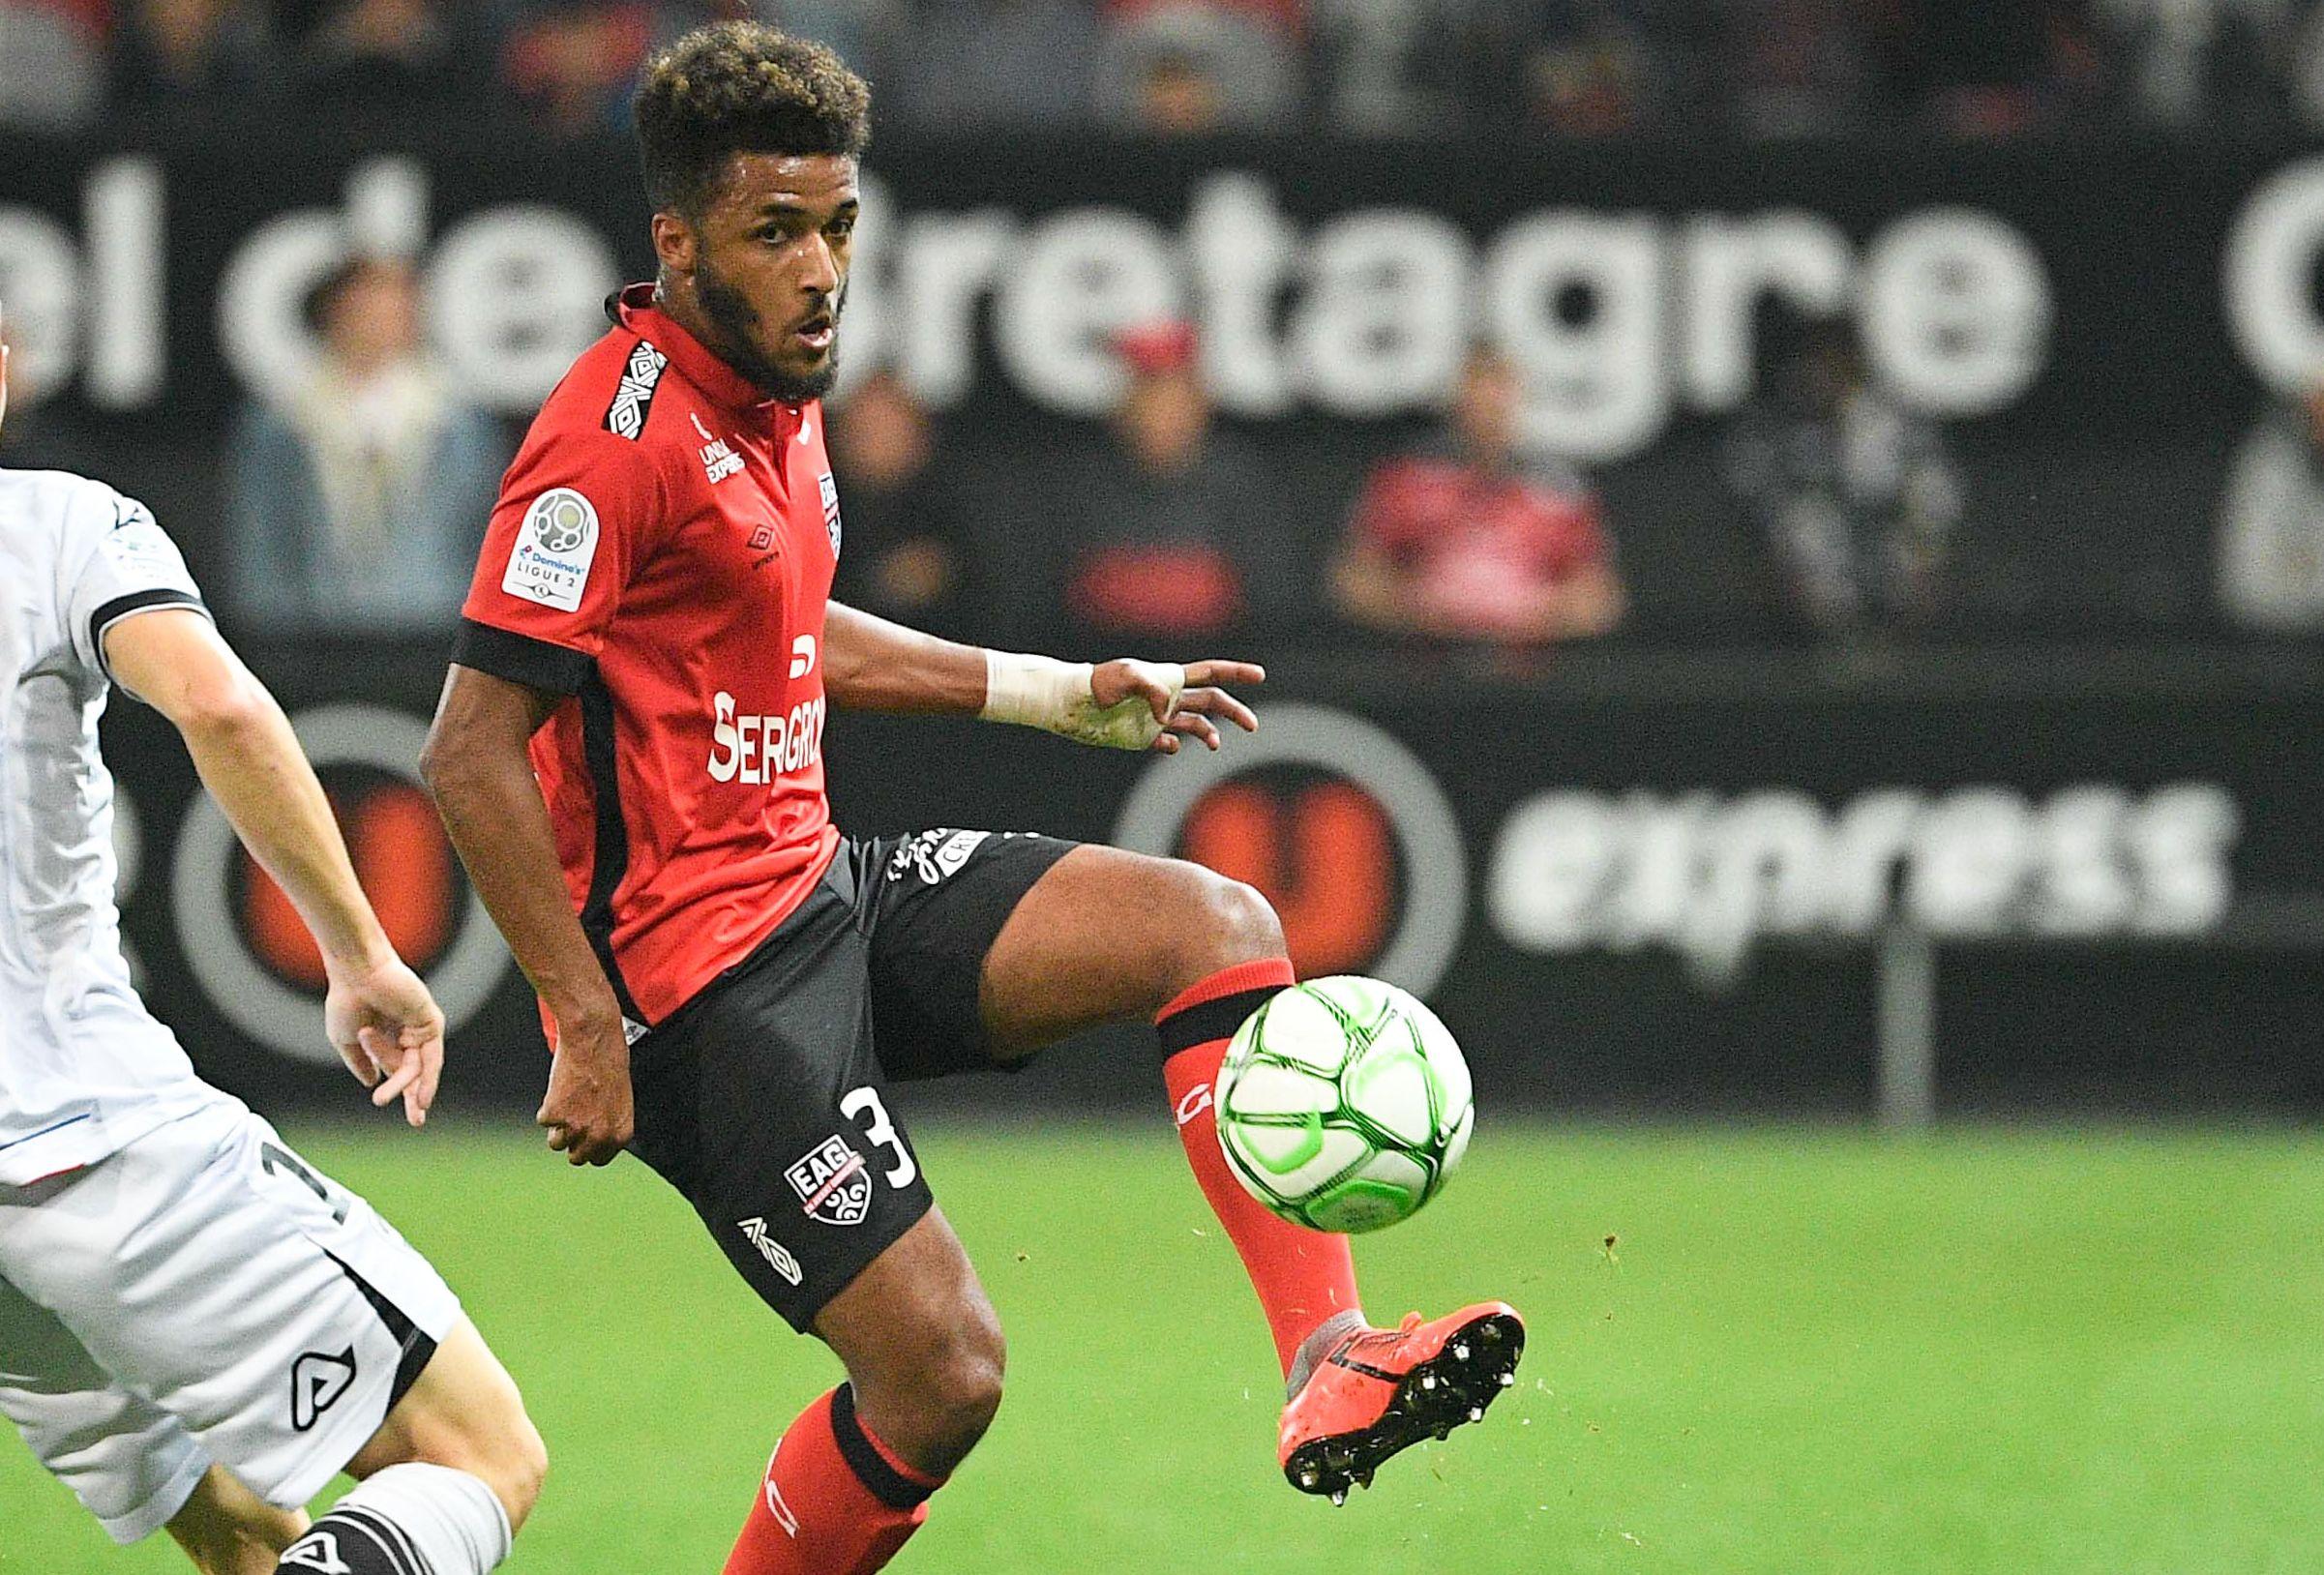 Football - Ligue 2 - Ligue 2 : Guingamp-Le Mans en direct